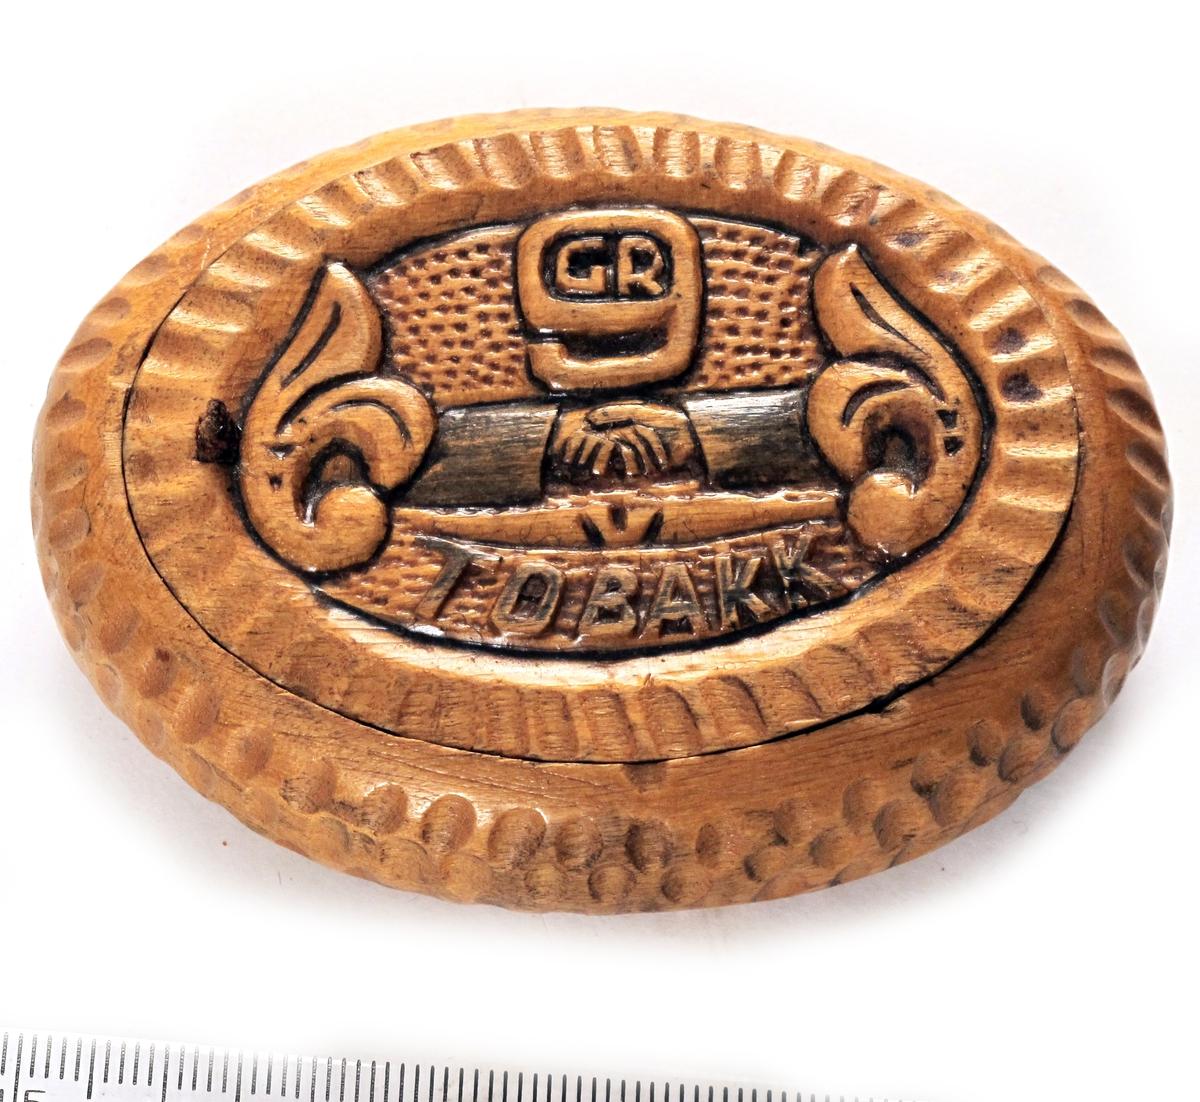 Håndslag, m.m. Akantusblad. Bokstavene GR i et 9-tall. På lokkets underside bilde av en brakkeleir.